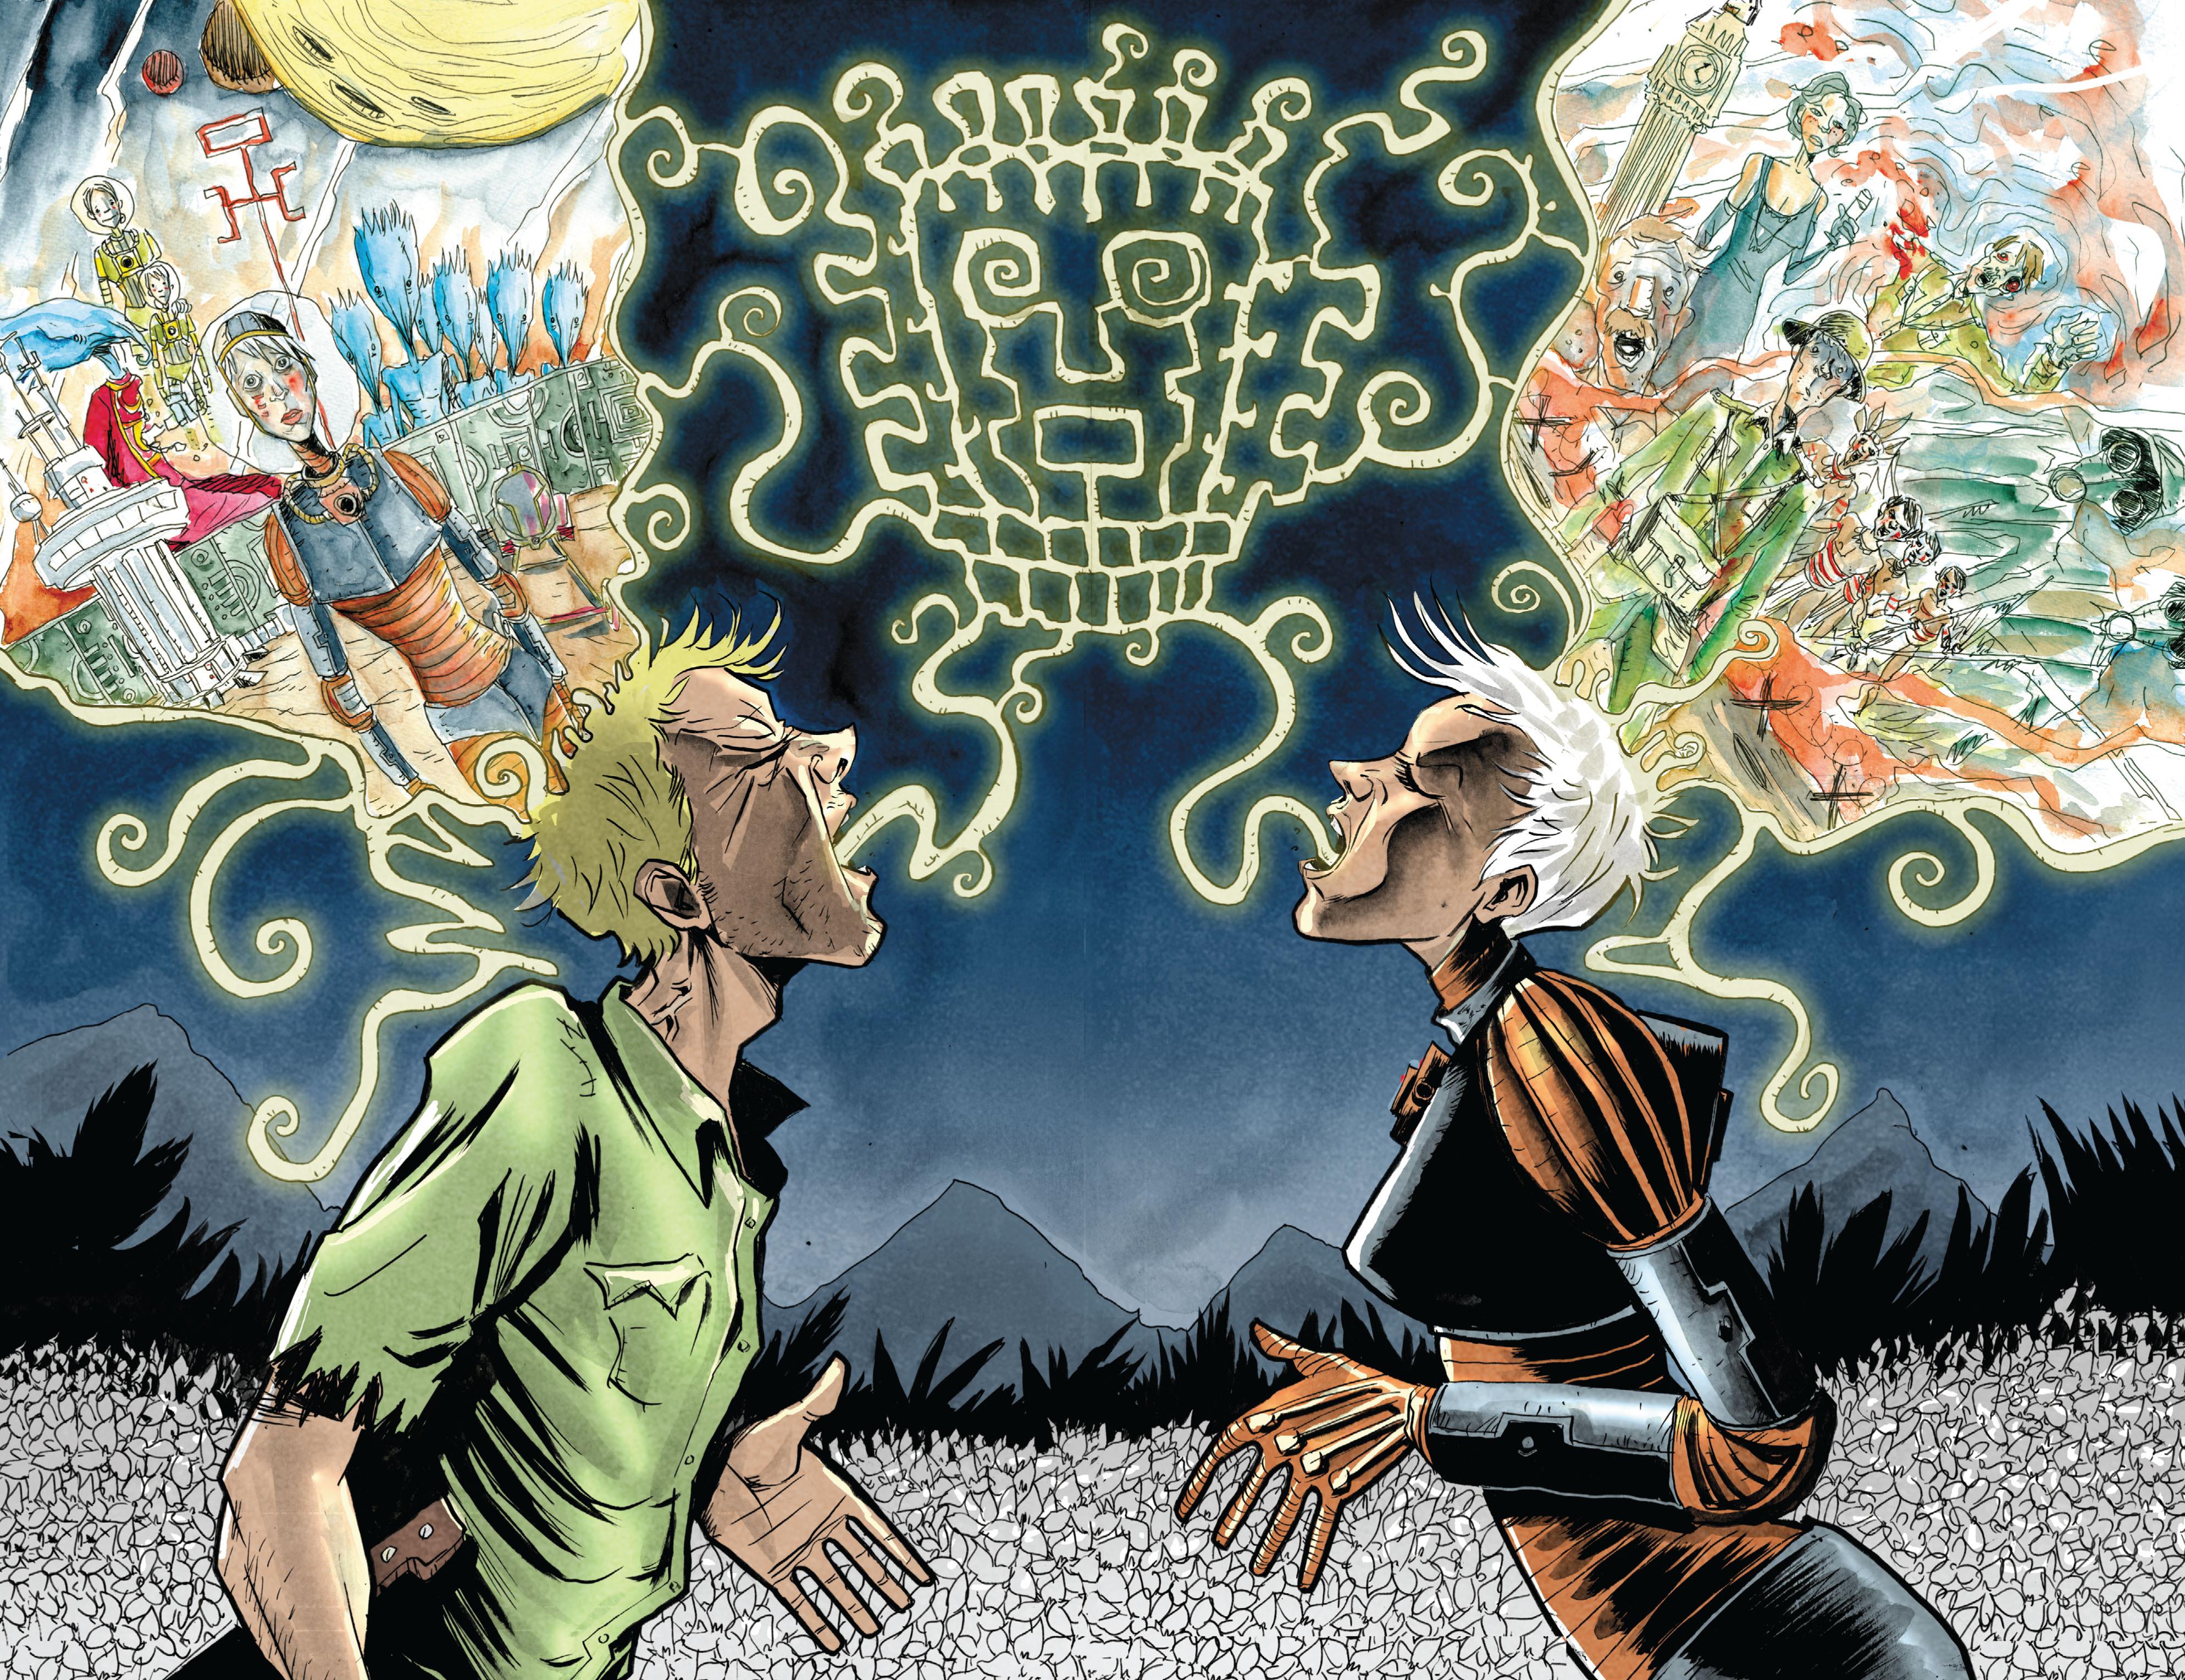 Read online Trillium comic -  Issue # TPB - 51